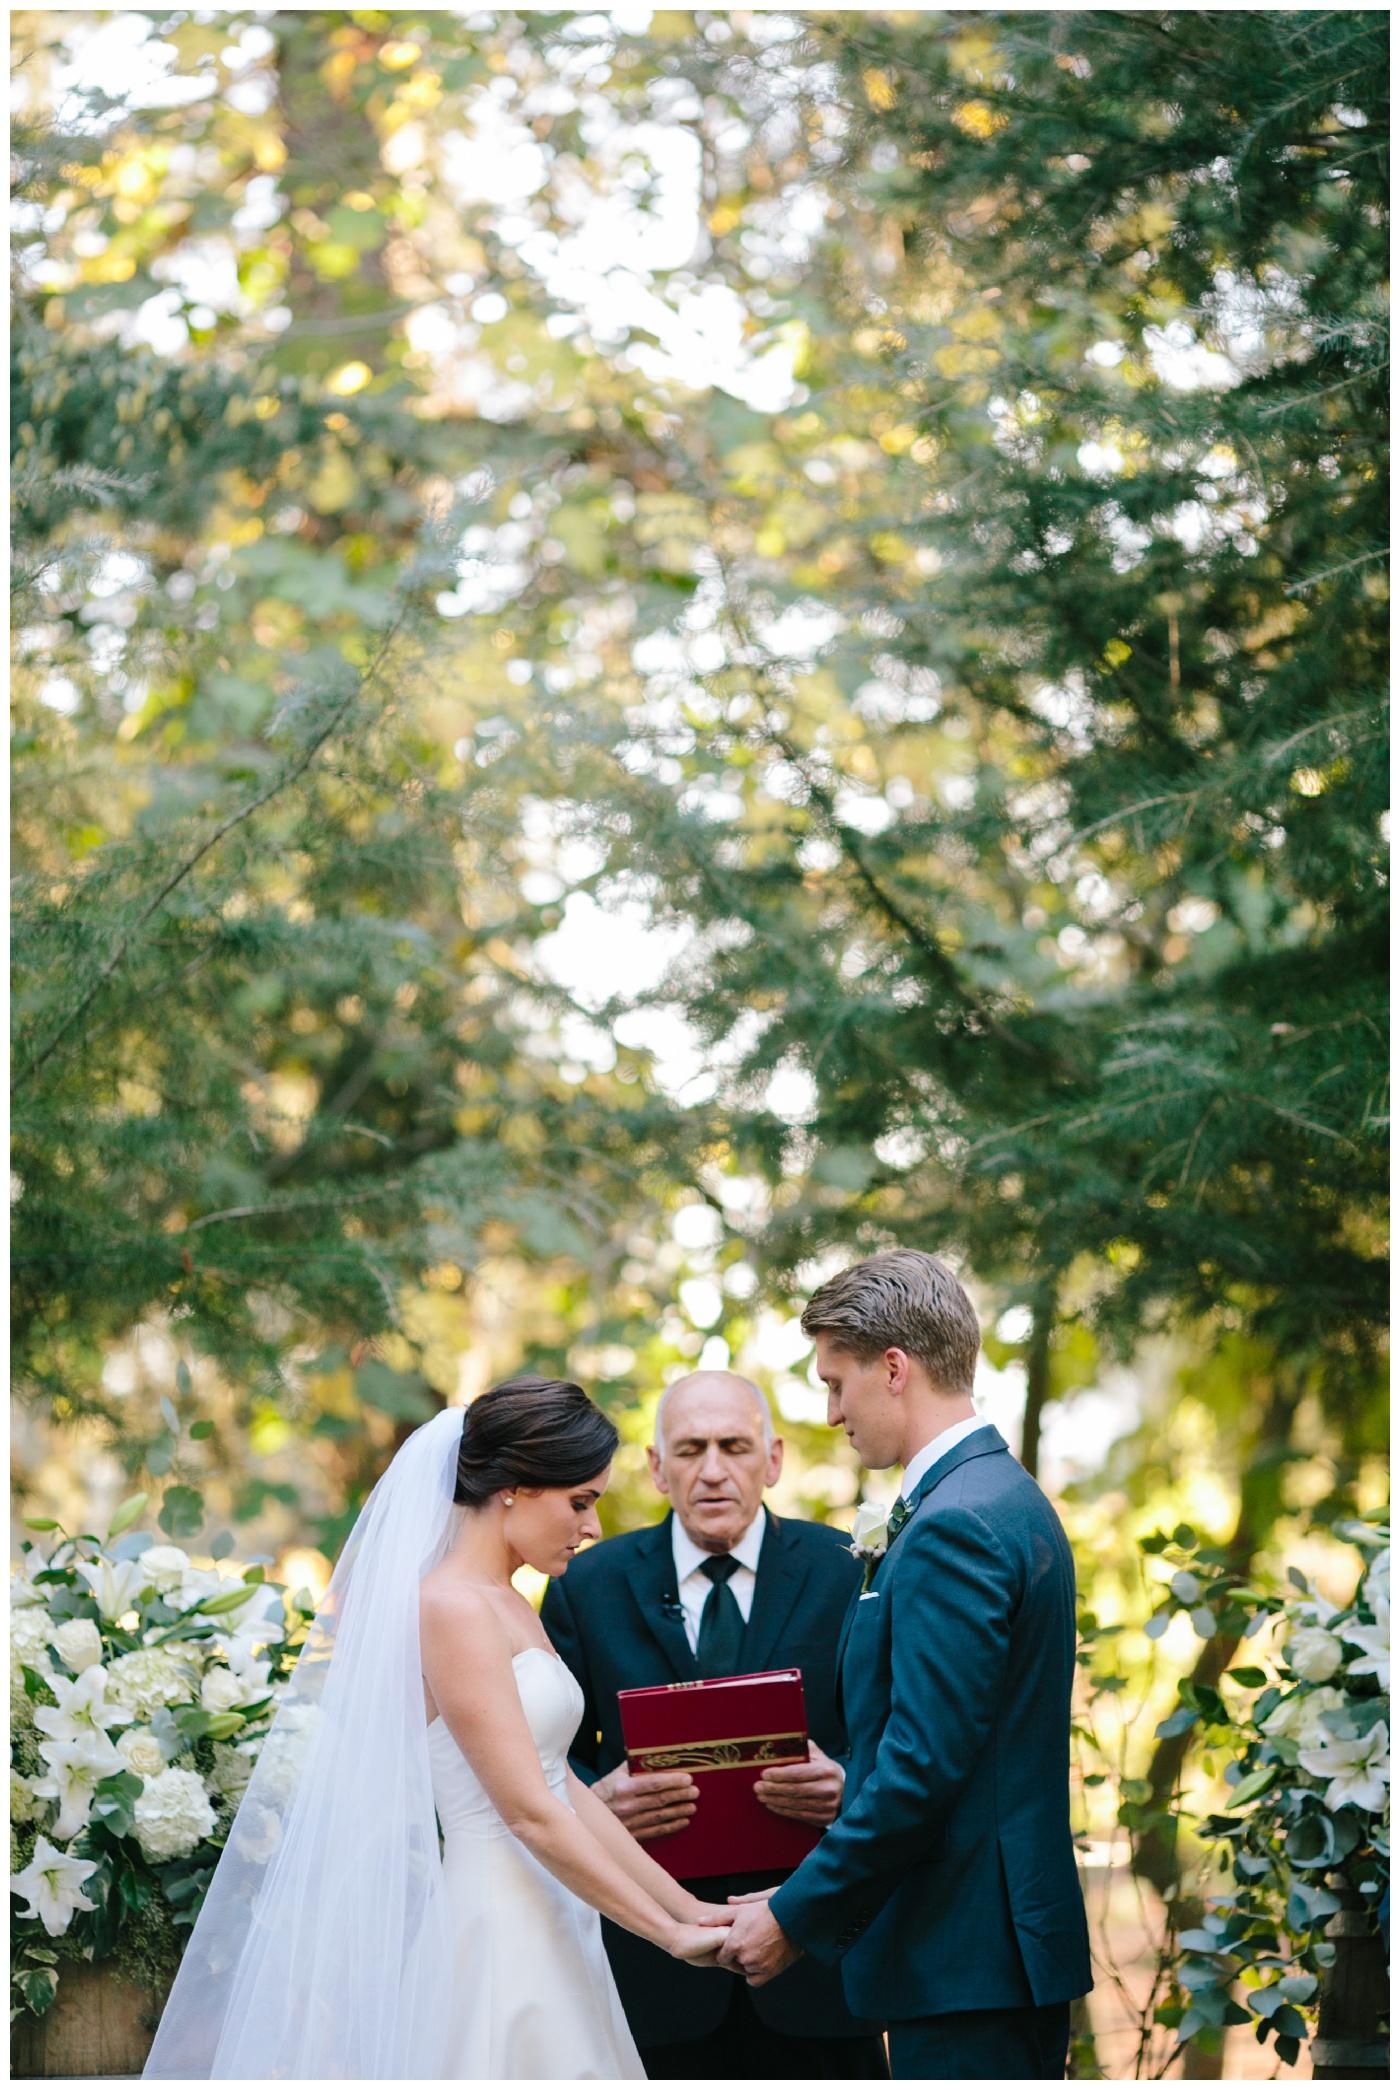 Andretti Winery Napa Valley Wedding 011